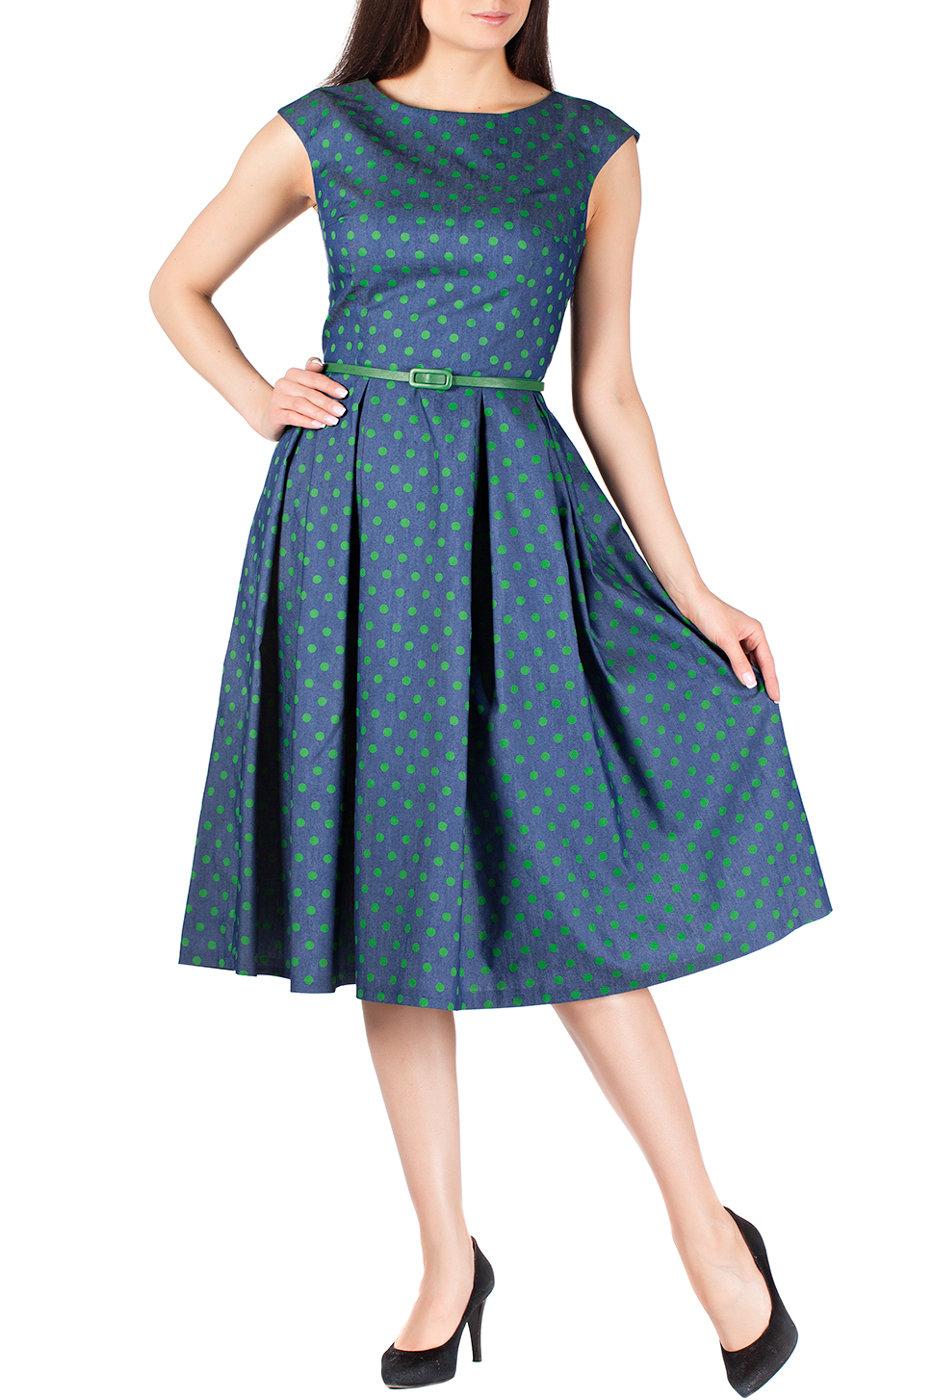 пышное платье с отрезной талией фото